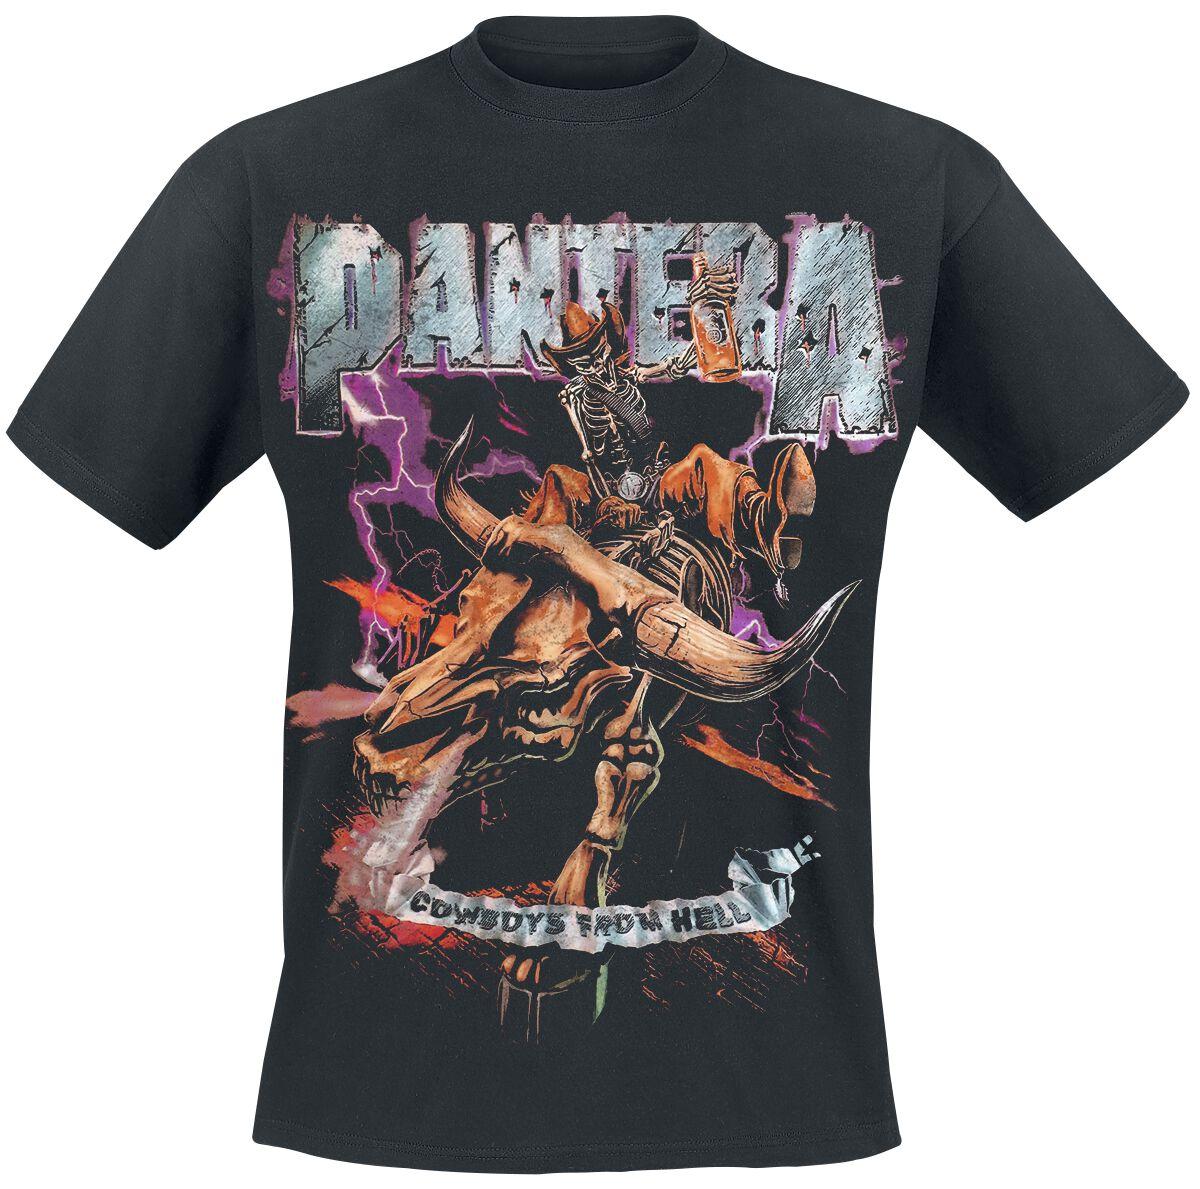 Zespoły - Koszulki - T-Shirt Pantera Cowboys From Hell 1990 T-Shirt czarny - 359495